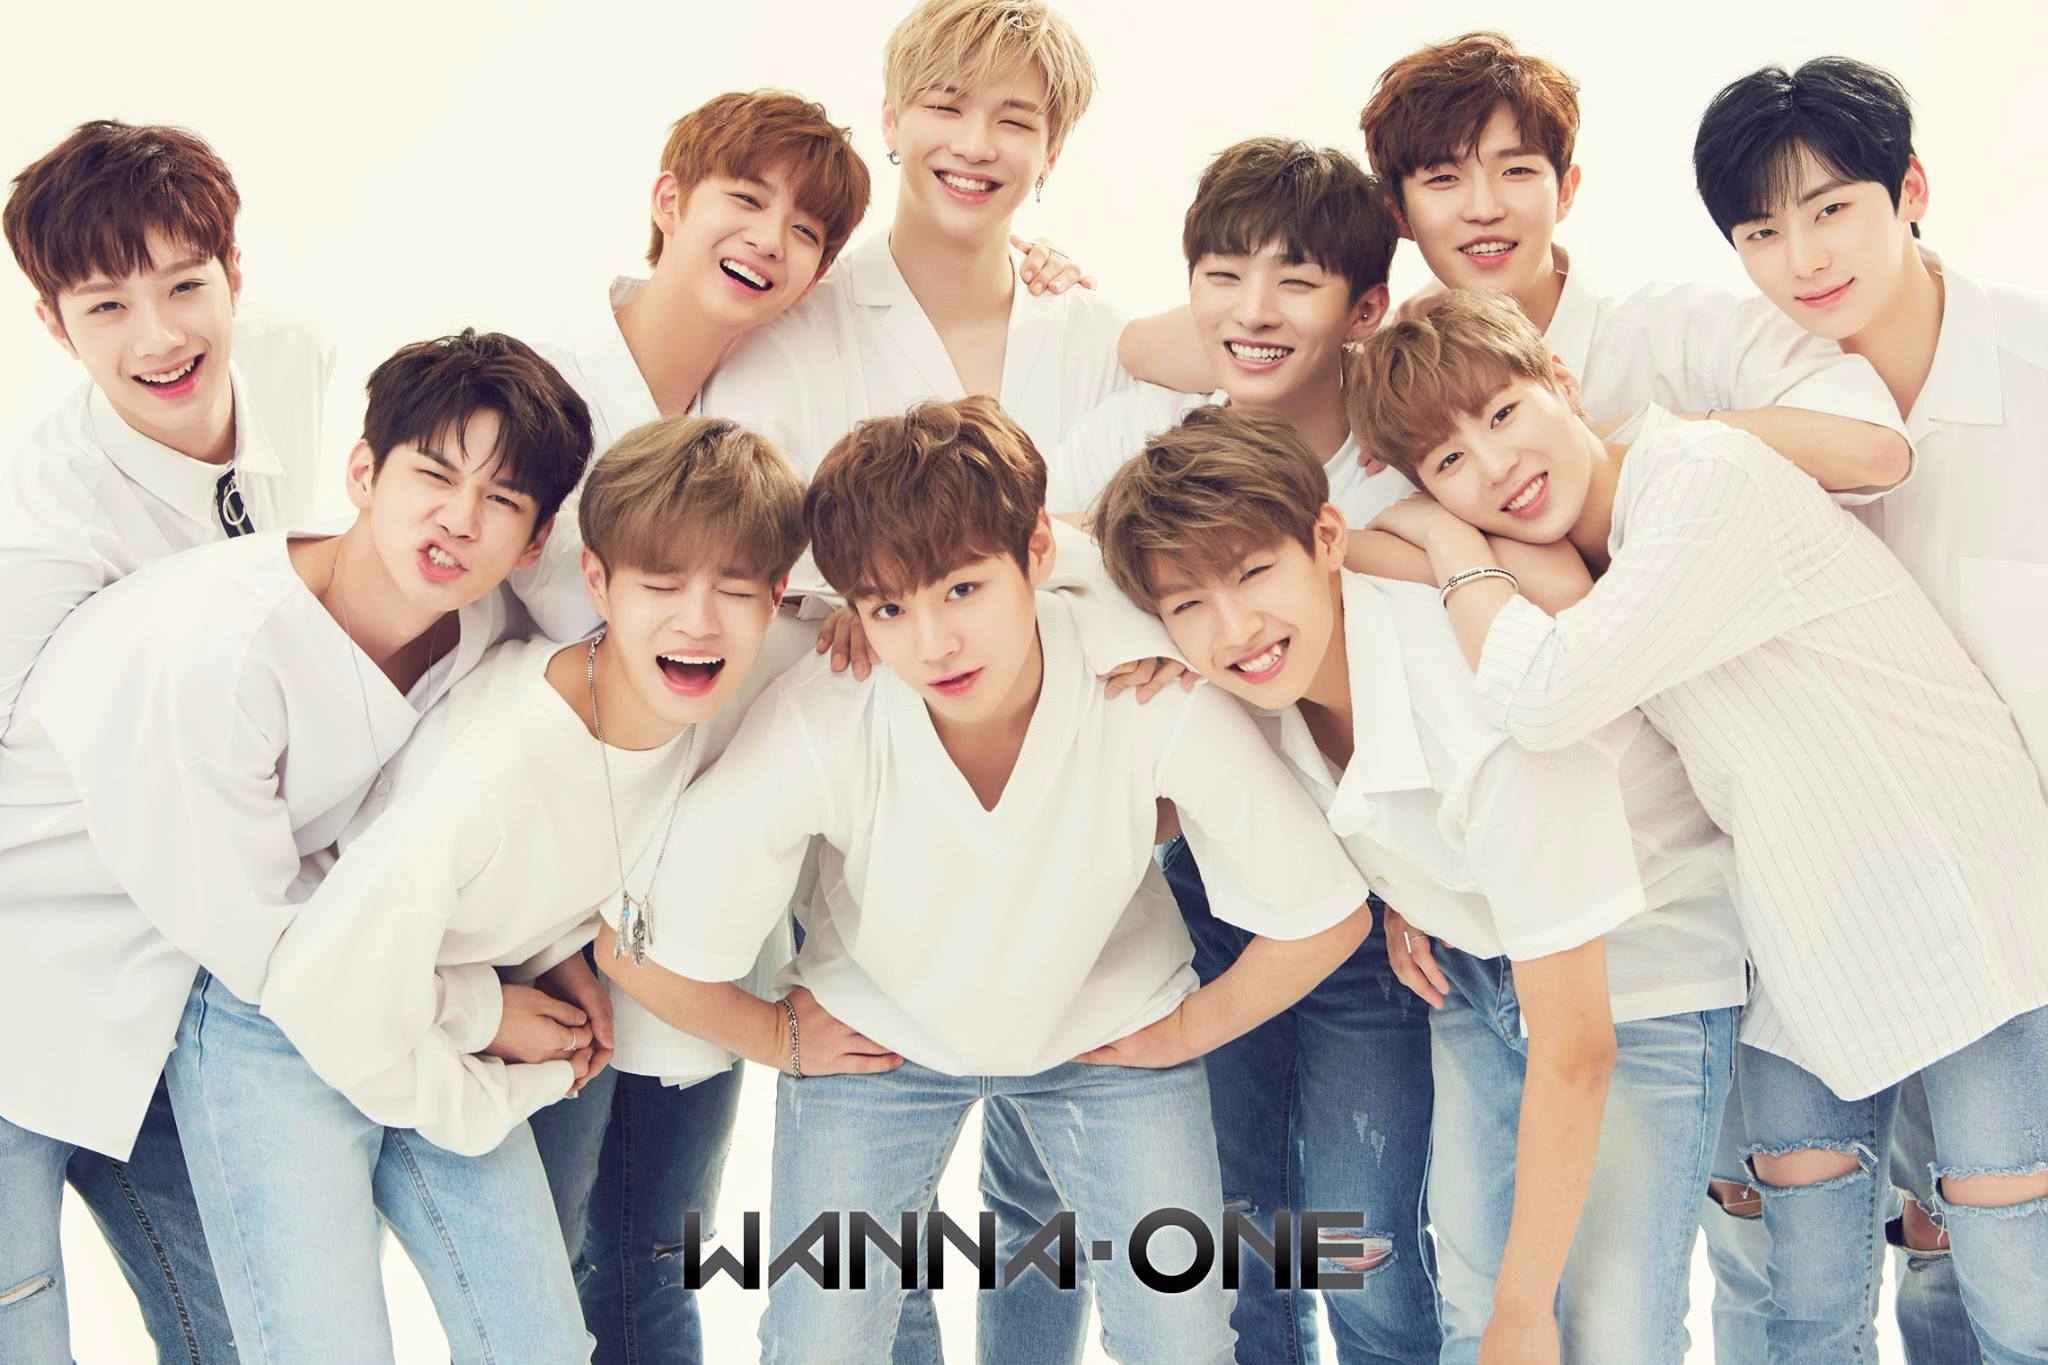 隨著《PRODUCE 101》的結束,大家對於Wanna One的熱情可以說是只增不減,近期公開的照片也讓粉絲們更加的期待